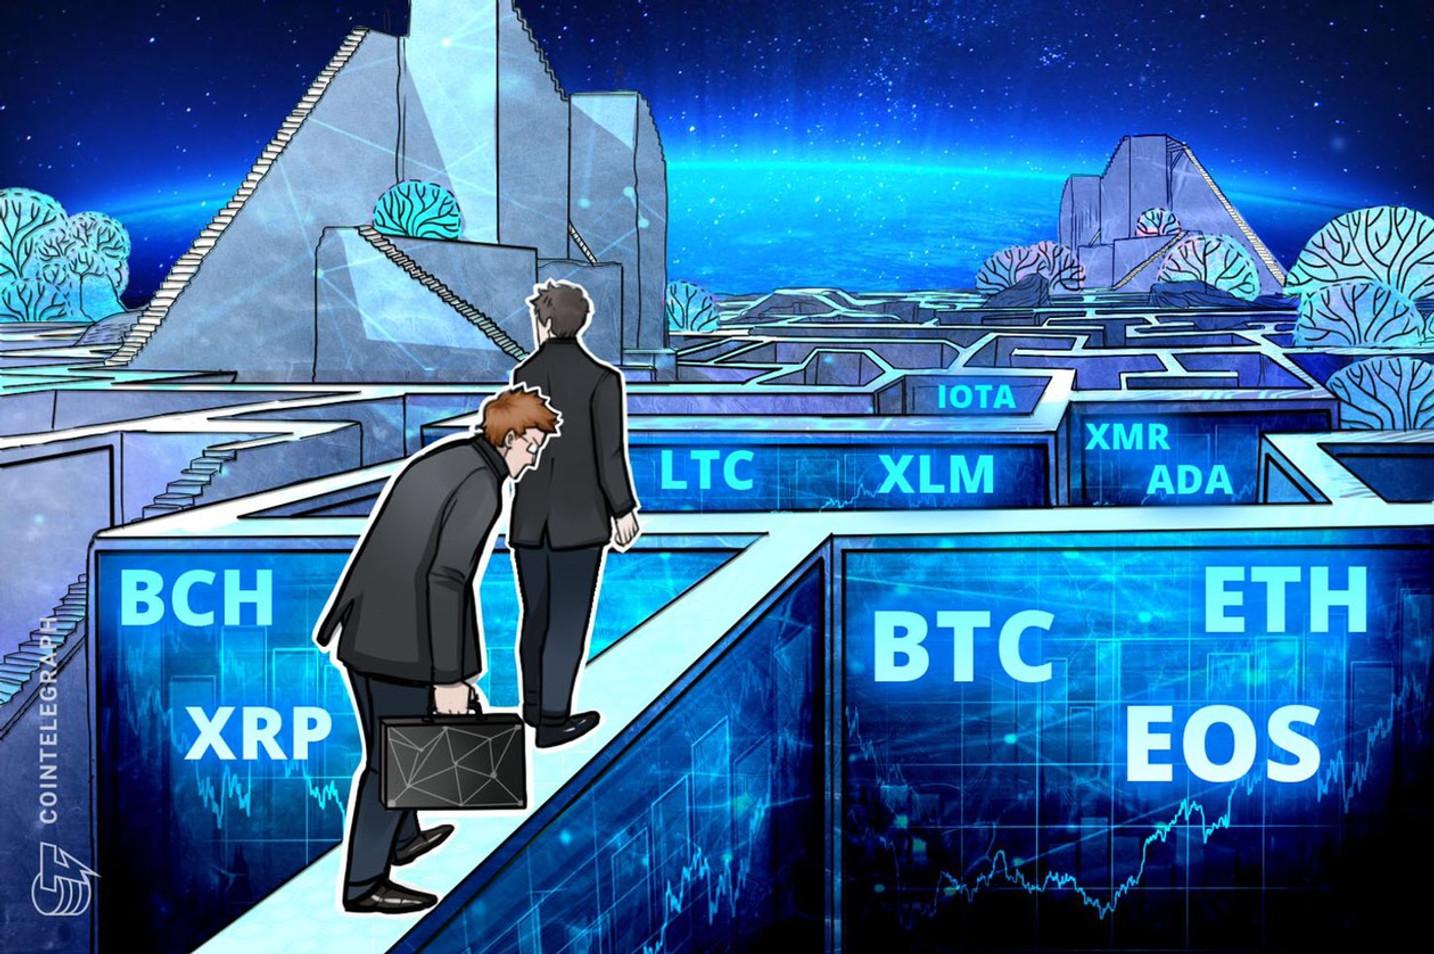 暴落により2ヶ月に渡るレンジ相場が終焉を迎える 仮想通貨ビットコイン相場市況(11月16日)